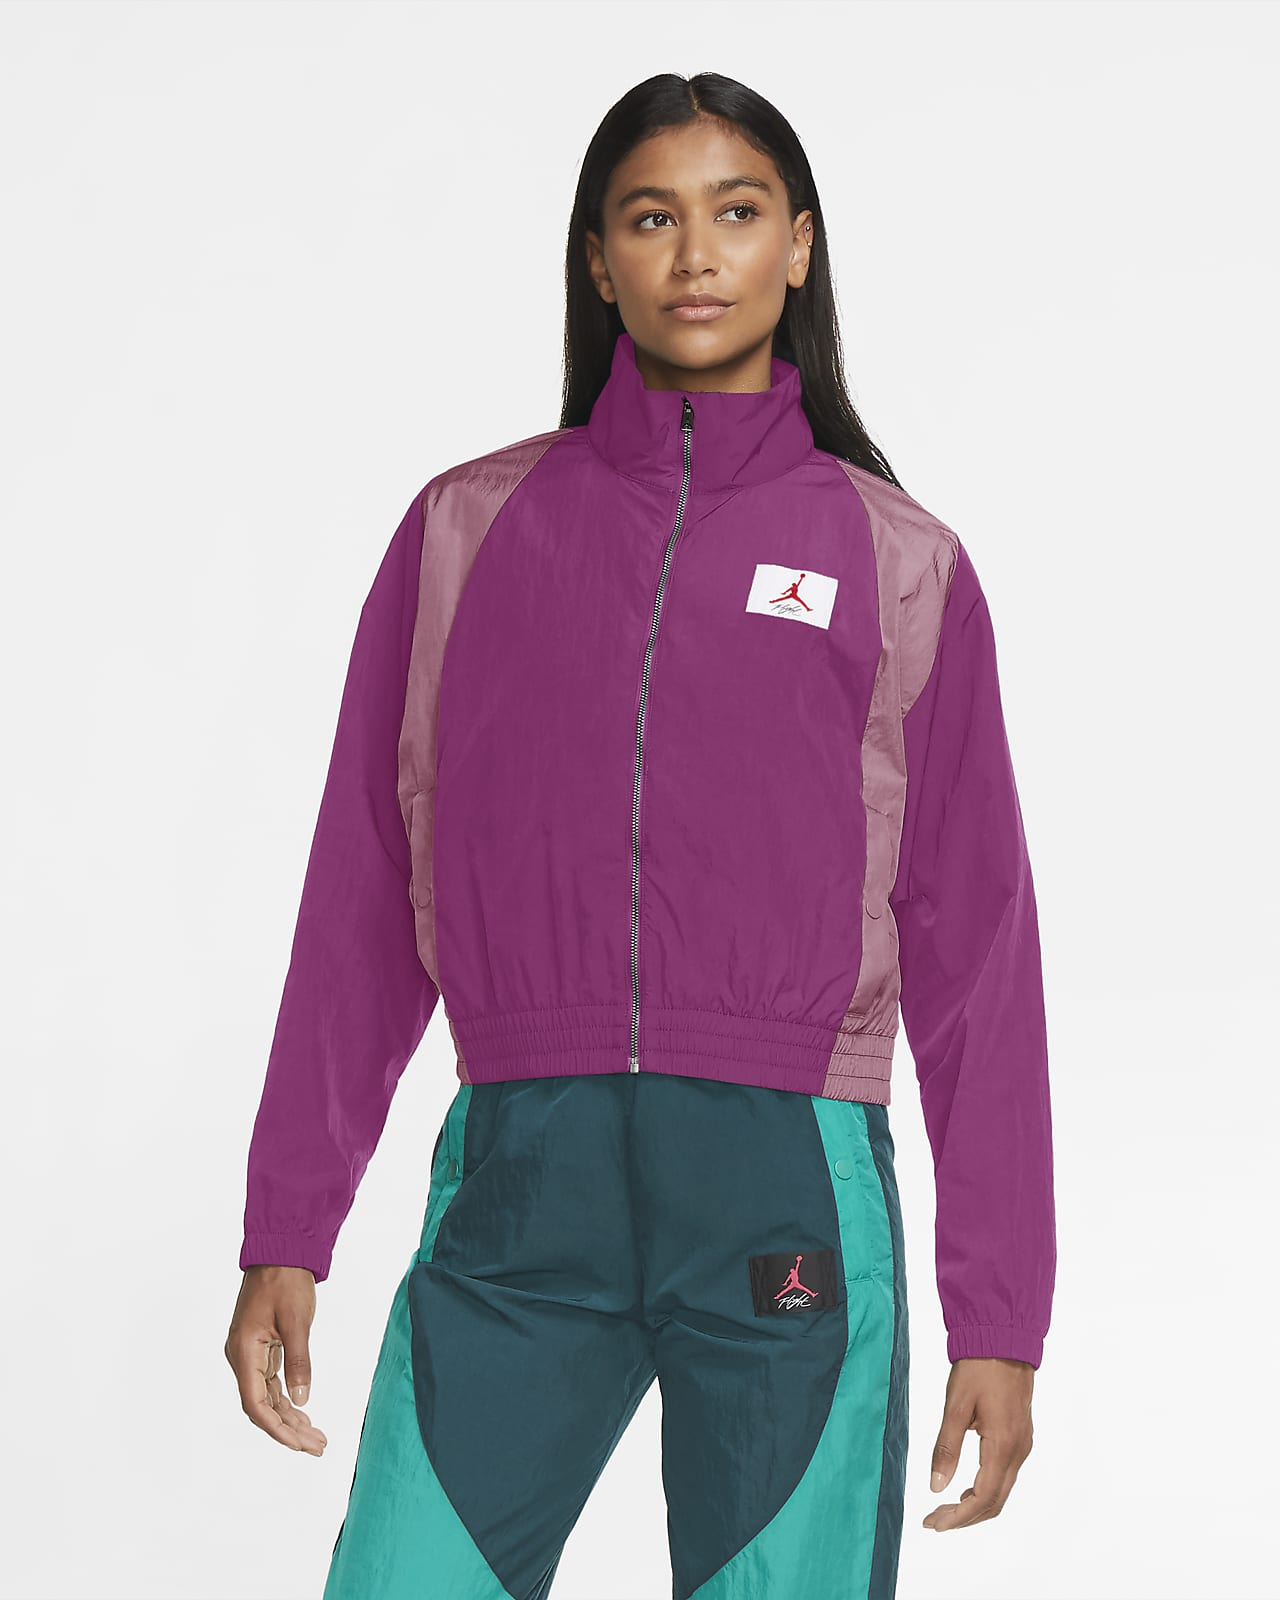 เสื้อแจ็คเก็ตผู้หญิงแบบทอ Jordan